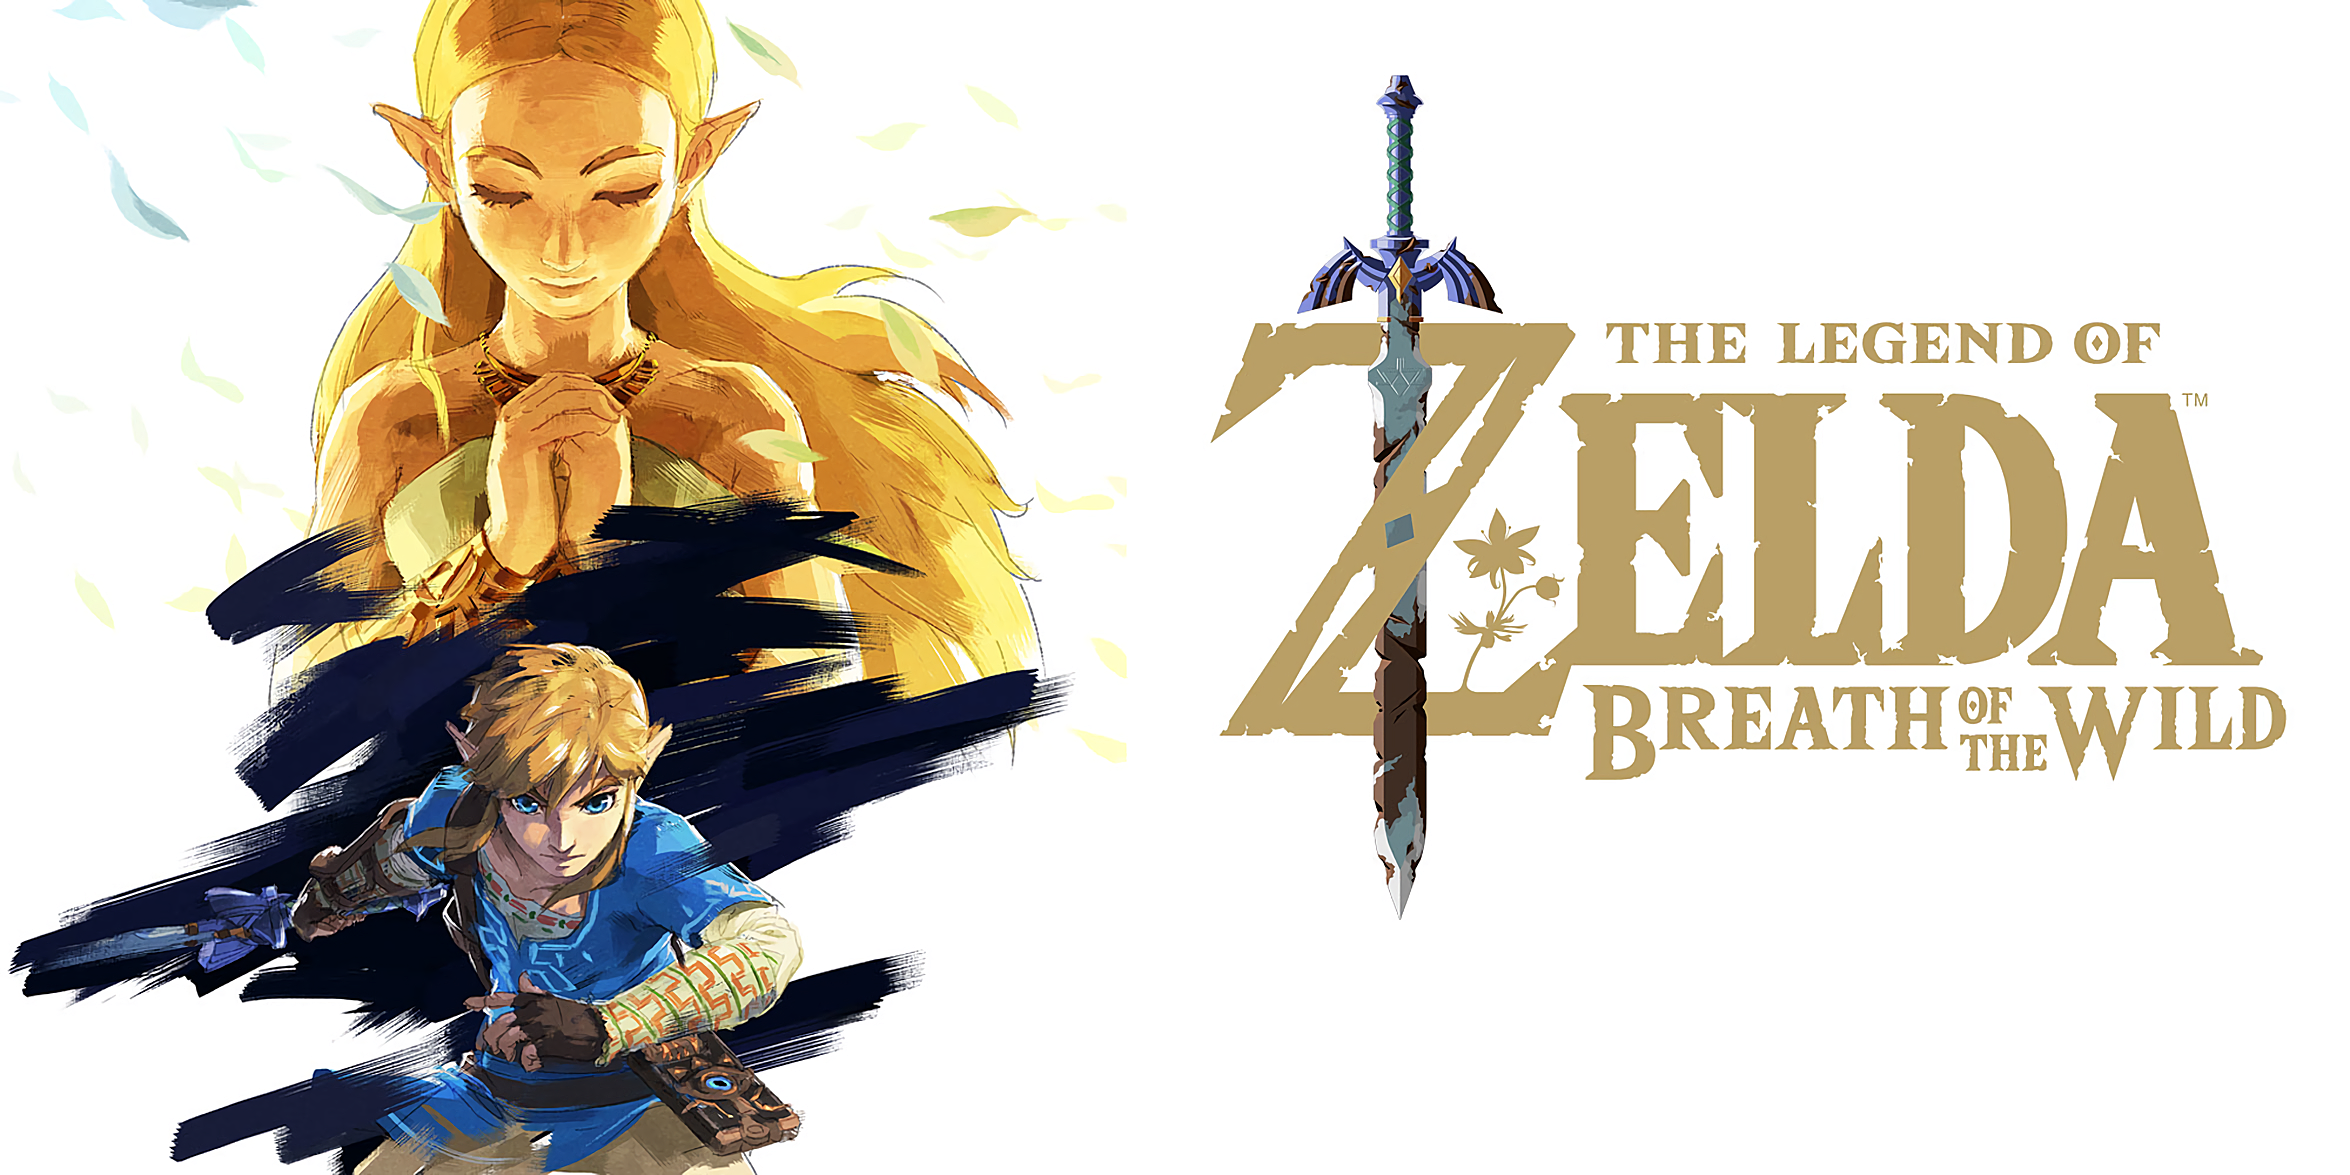 Video Game The Legend Of Zelda Breath Of The Wild The Legend Of Zelda